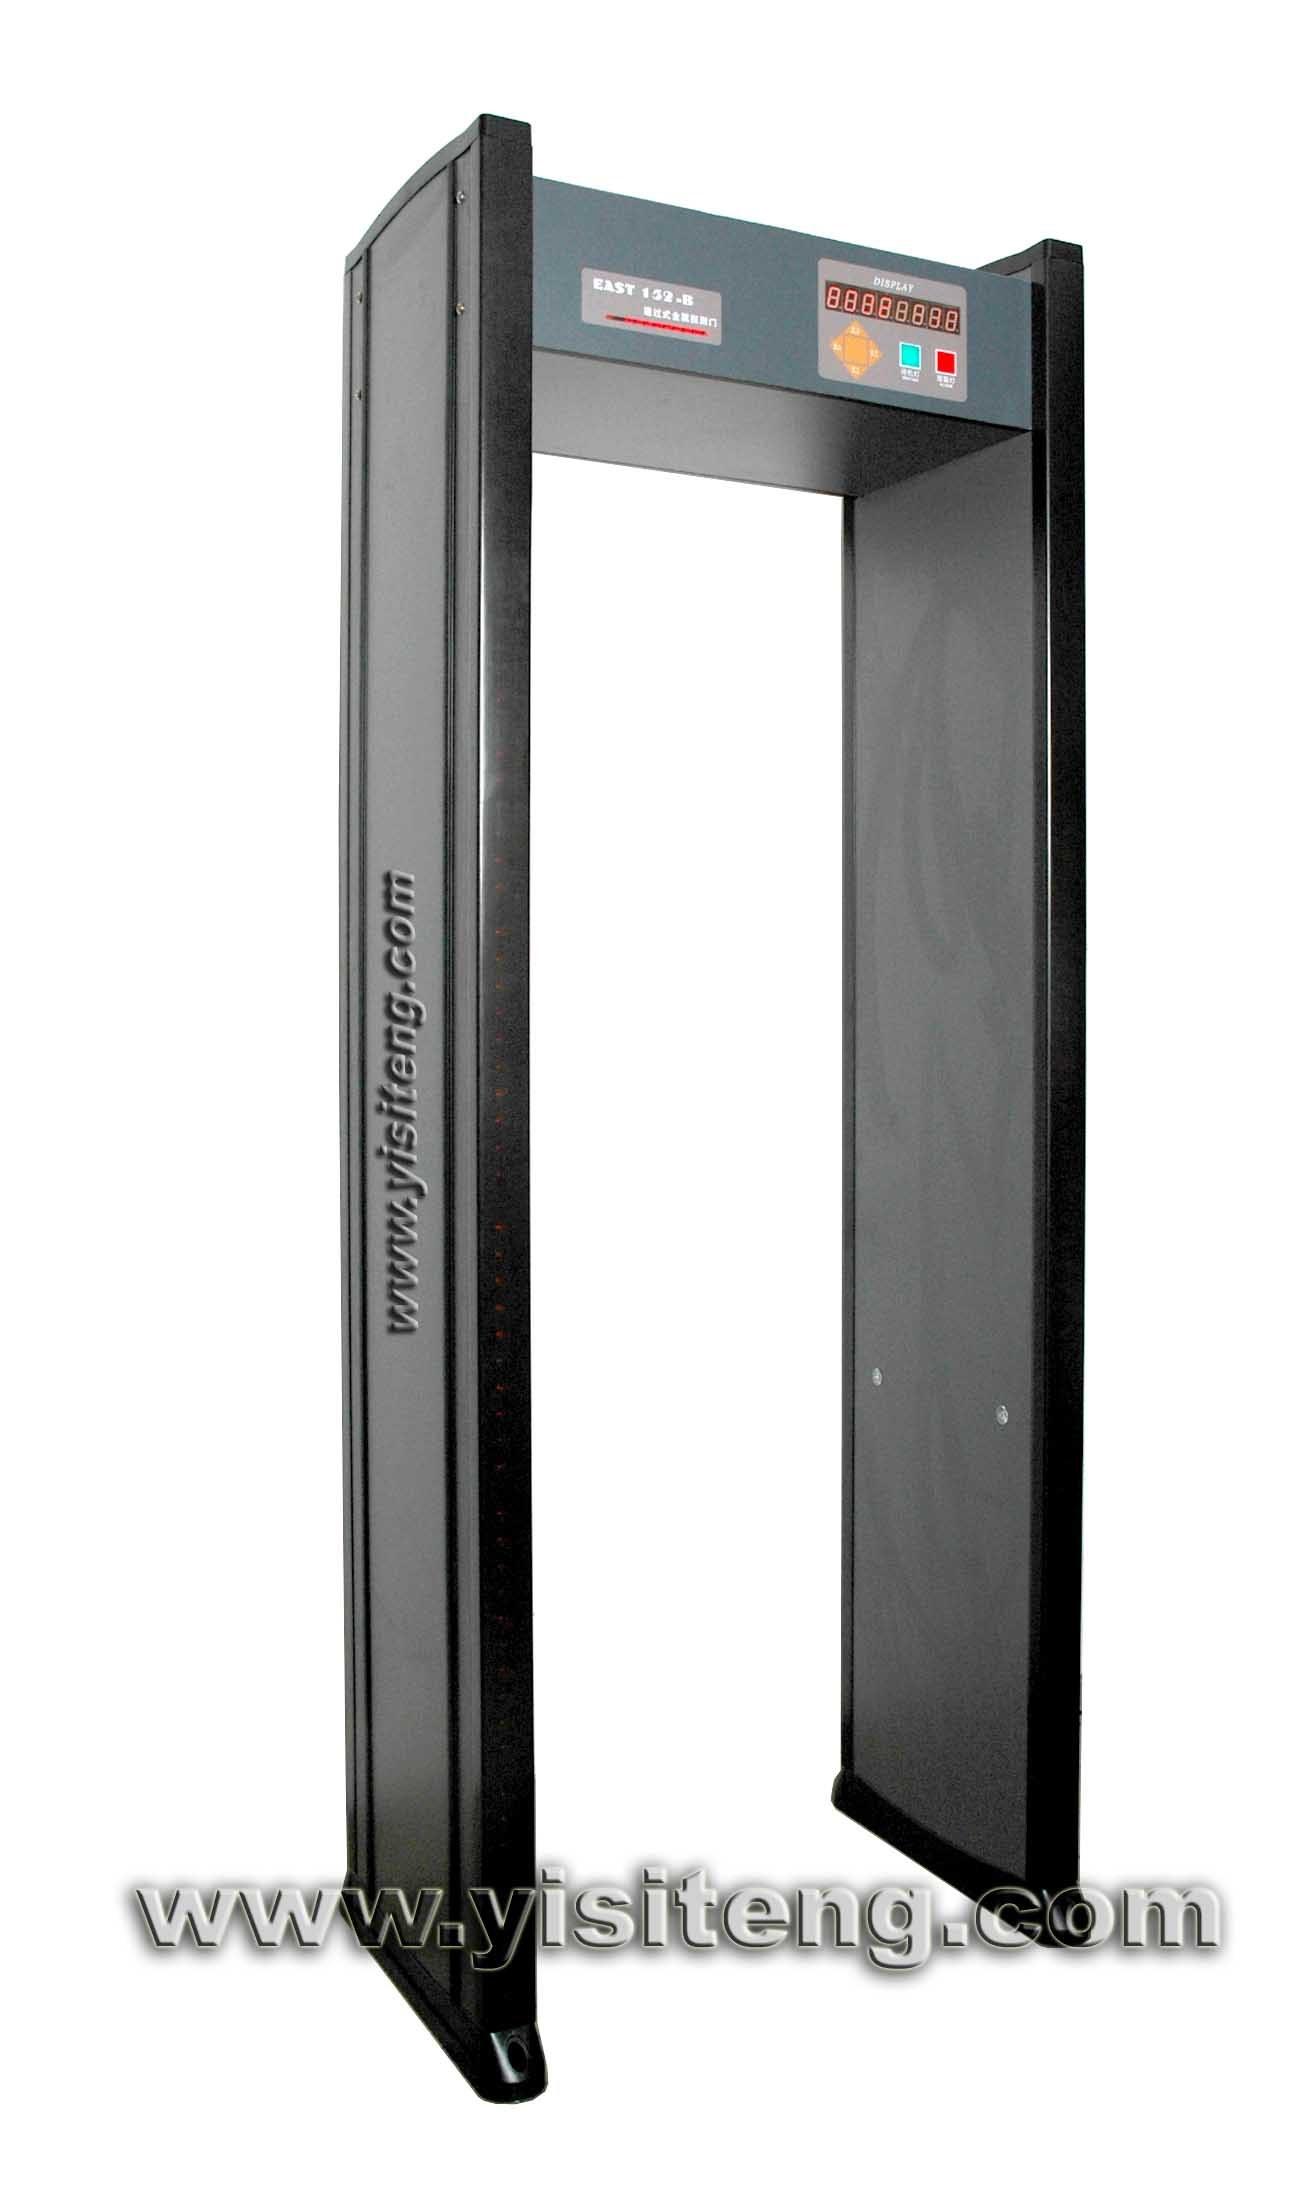 Bounty Hunter Advanced Metal Detectors